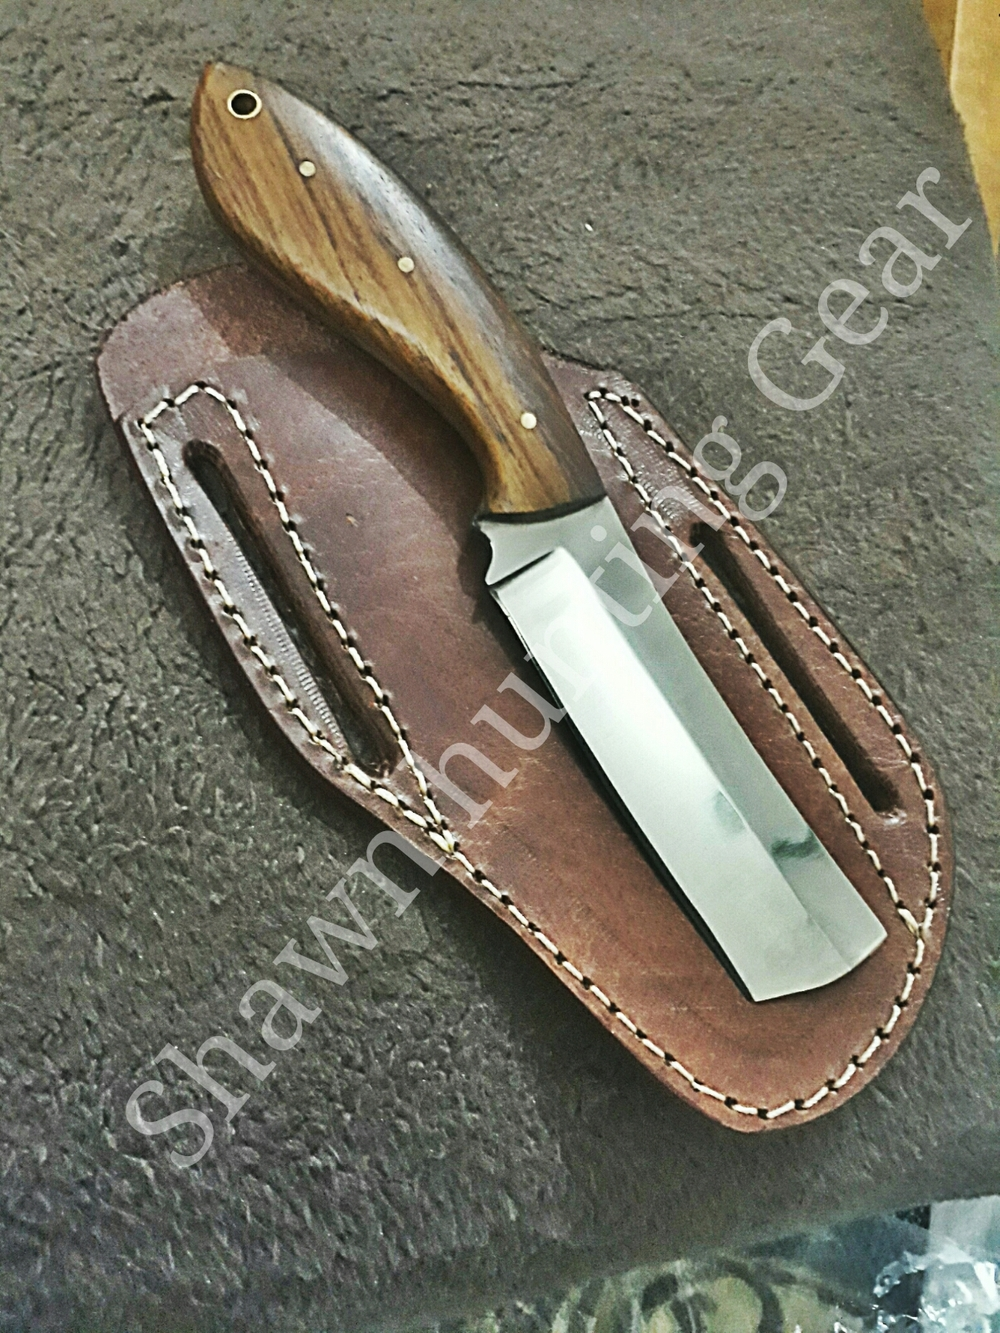 Cutngrow 96 Handmade Cowboy Bull Cutter Gorgeous Knife